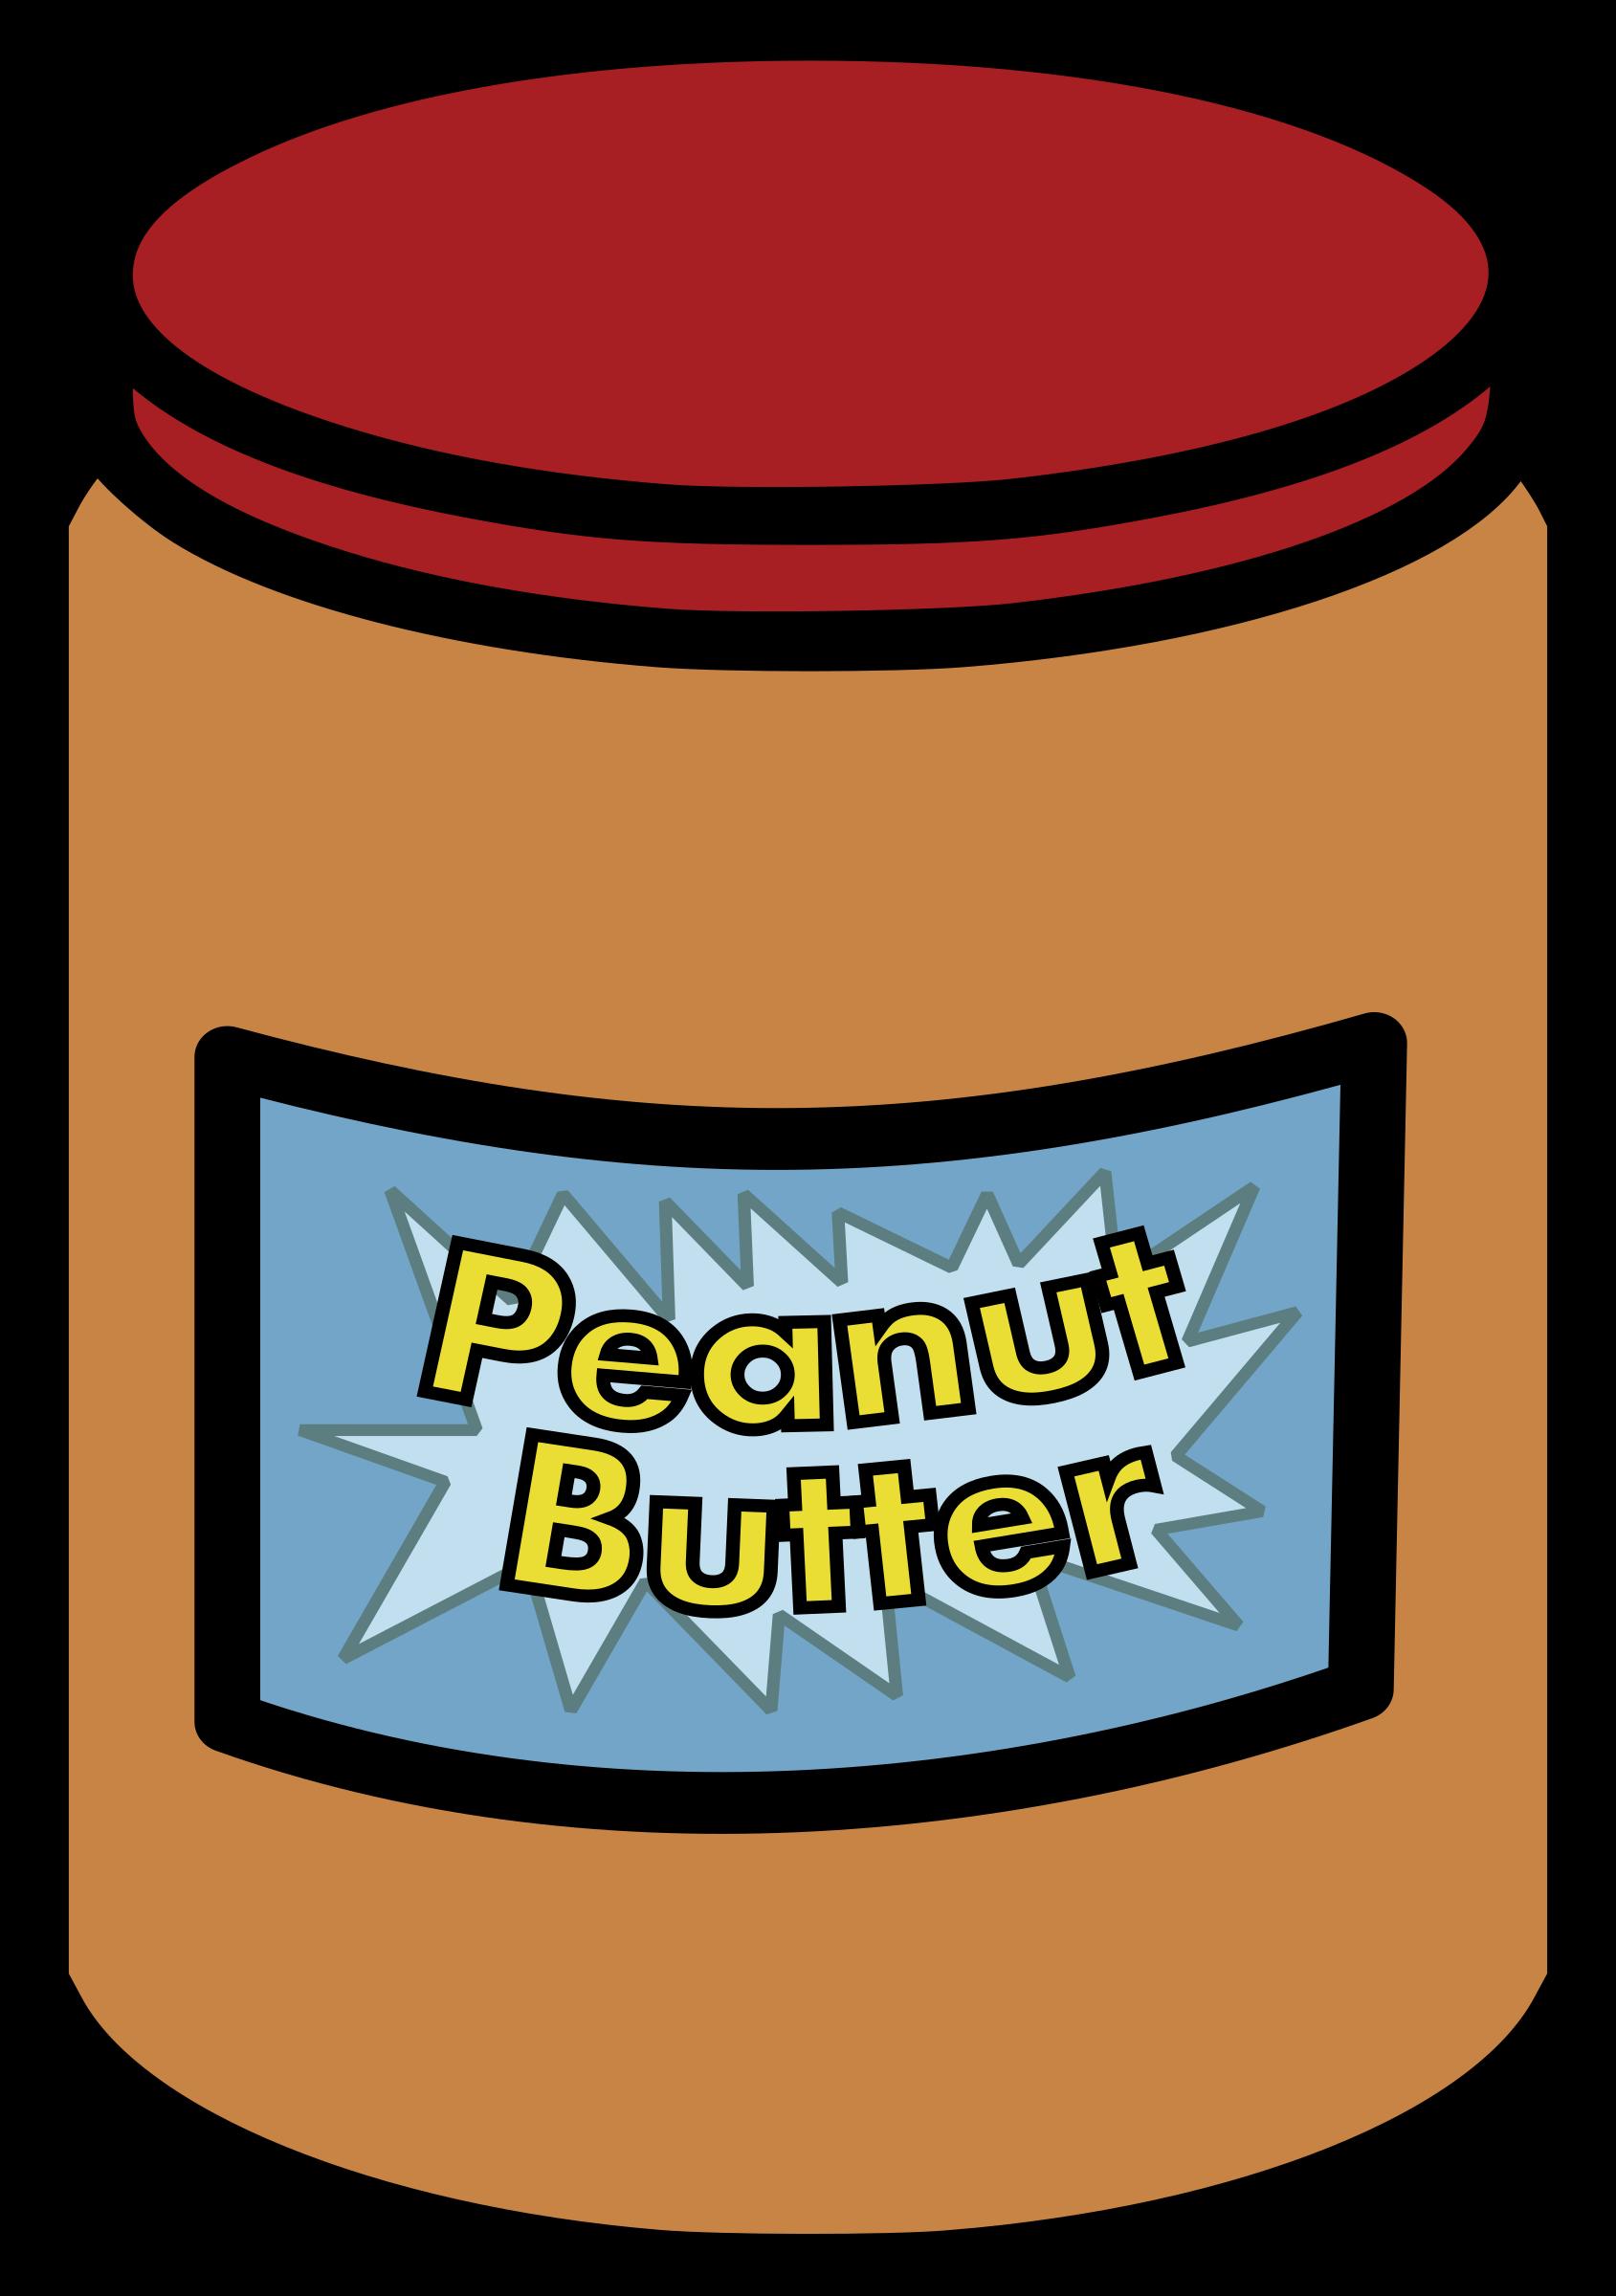 Clipart - Peanut Butter Jar 2